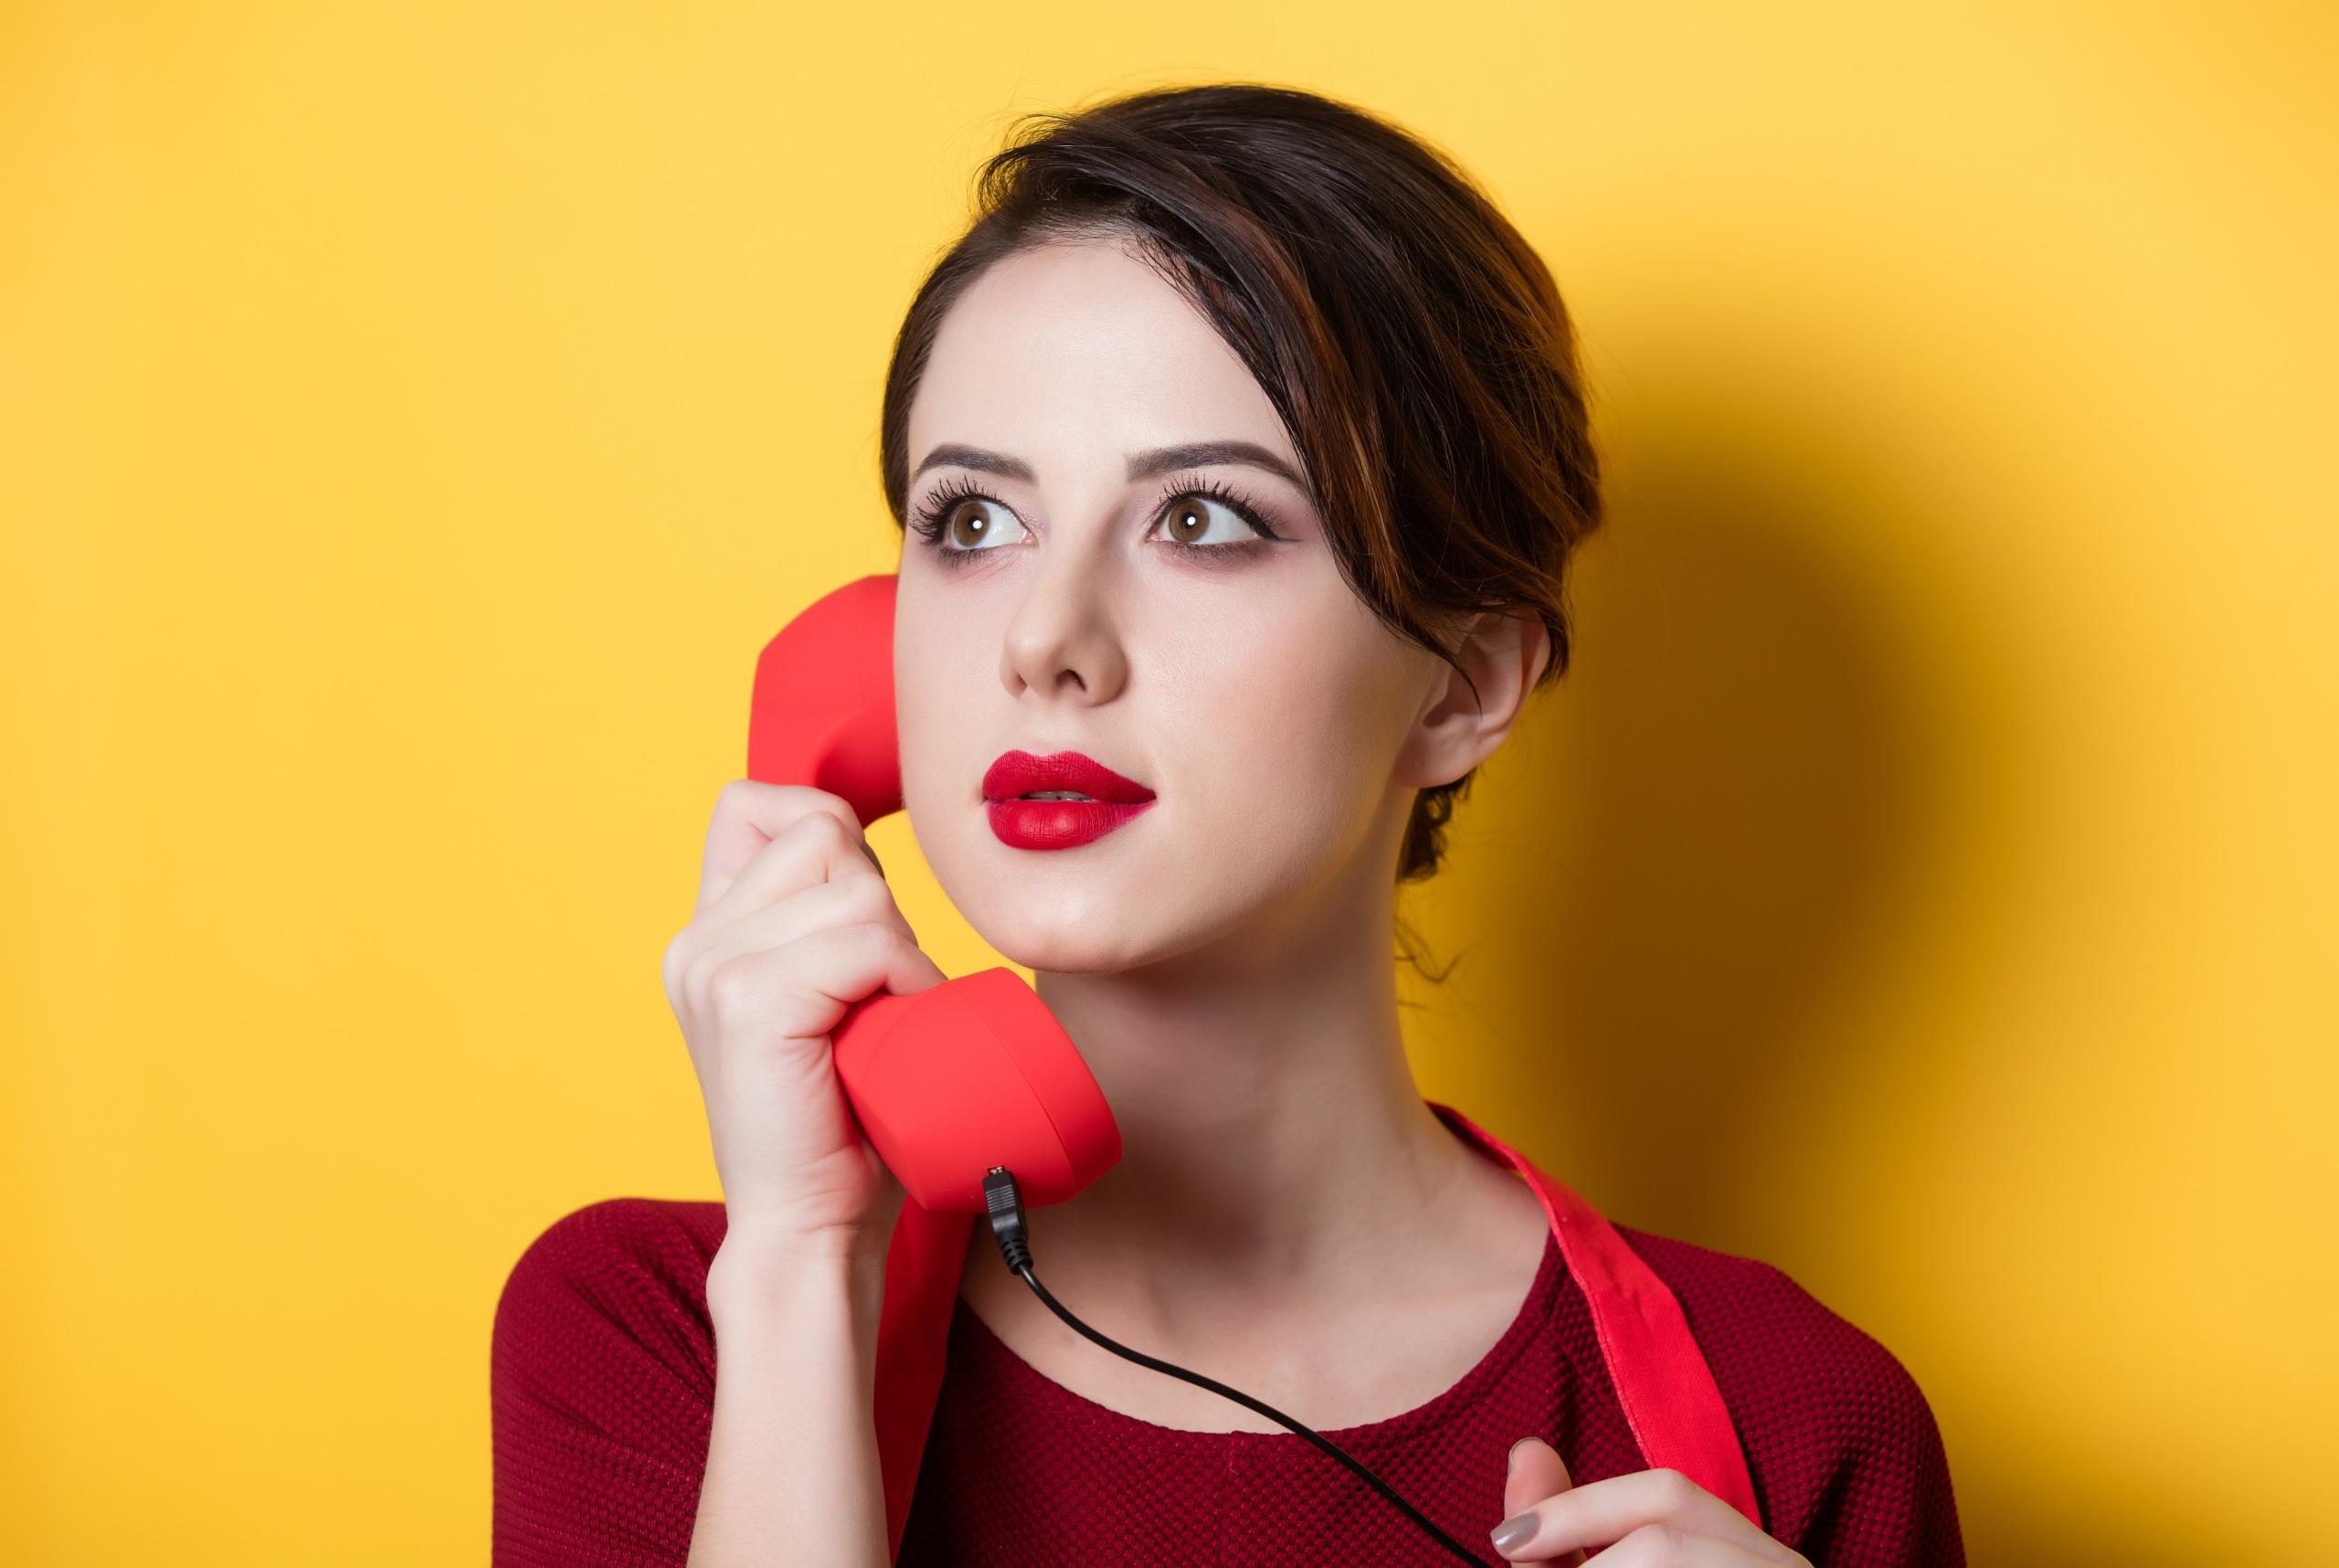 Фотография Шатенка Девушки Телефон Взгляд Цветной фон 2560x1716 смотрит